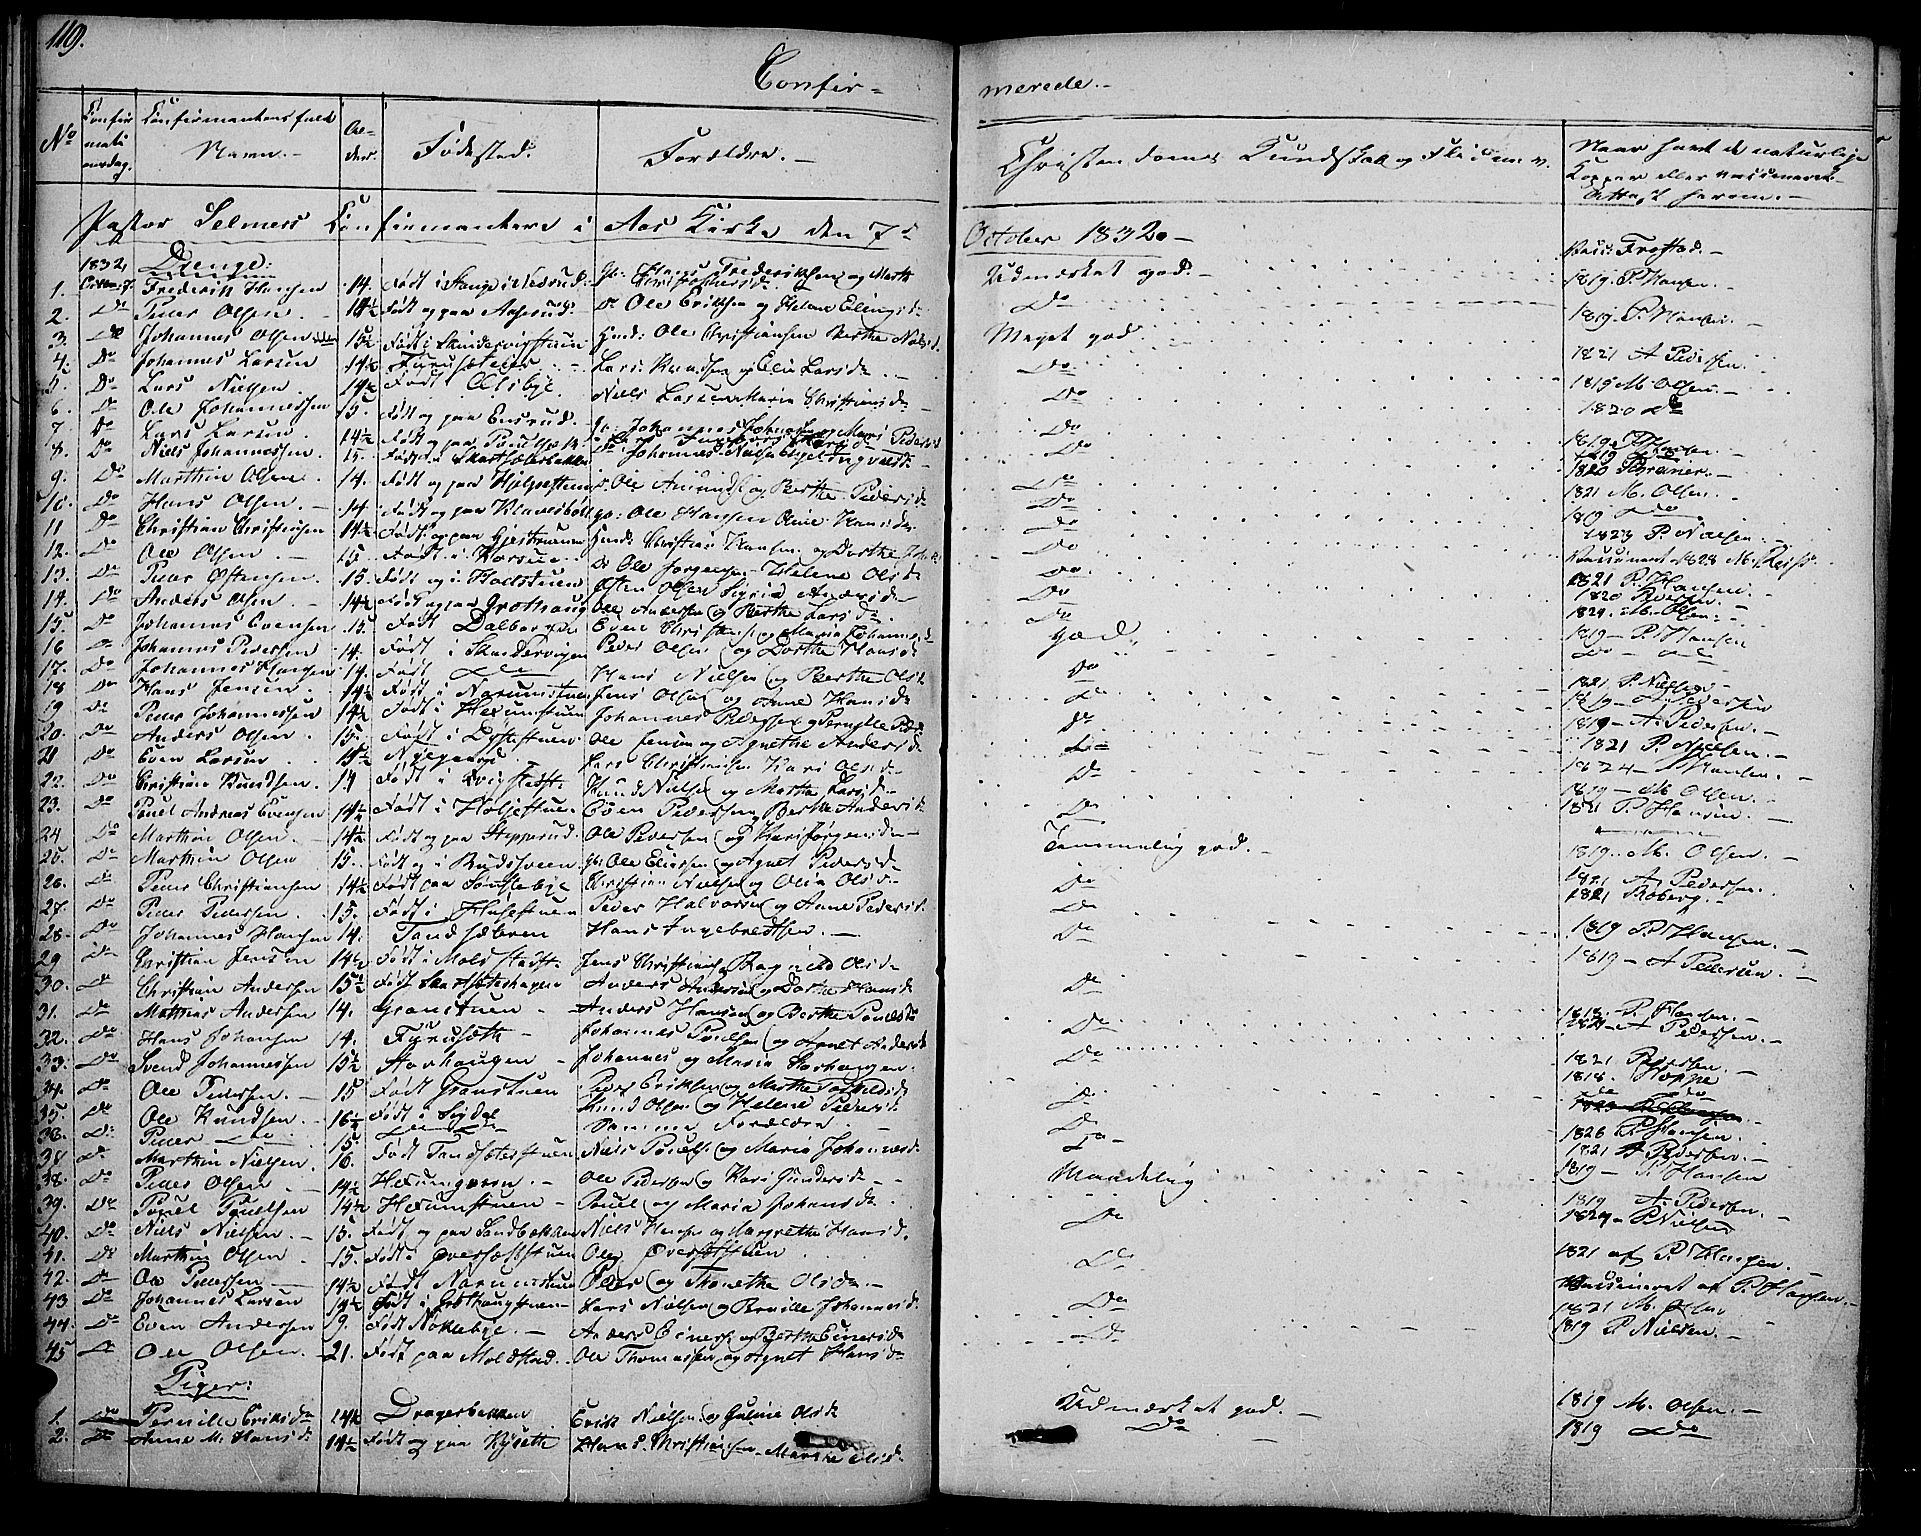 SAH, Vestre Toten prestekontor, Ministerialbok nr. 2, 1825-1837, s. 119